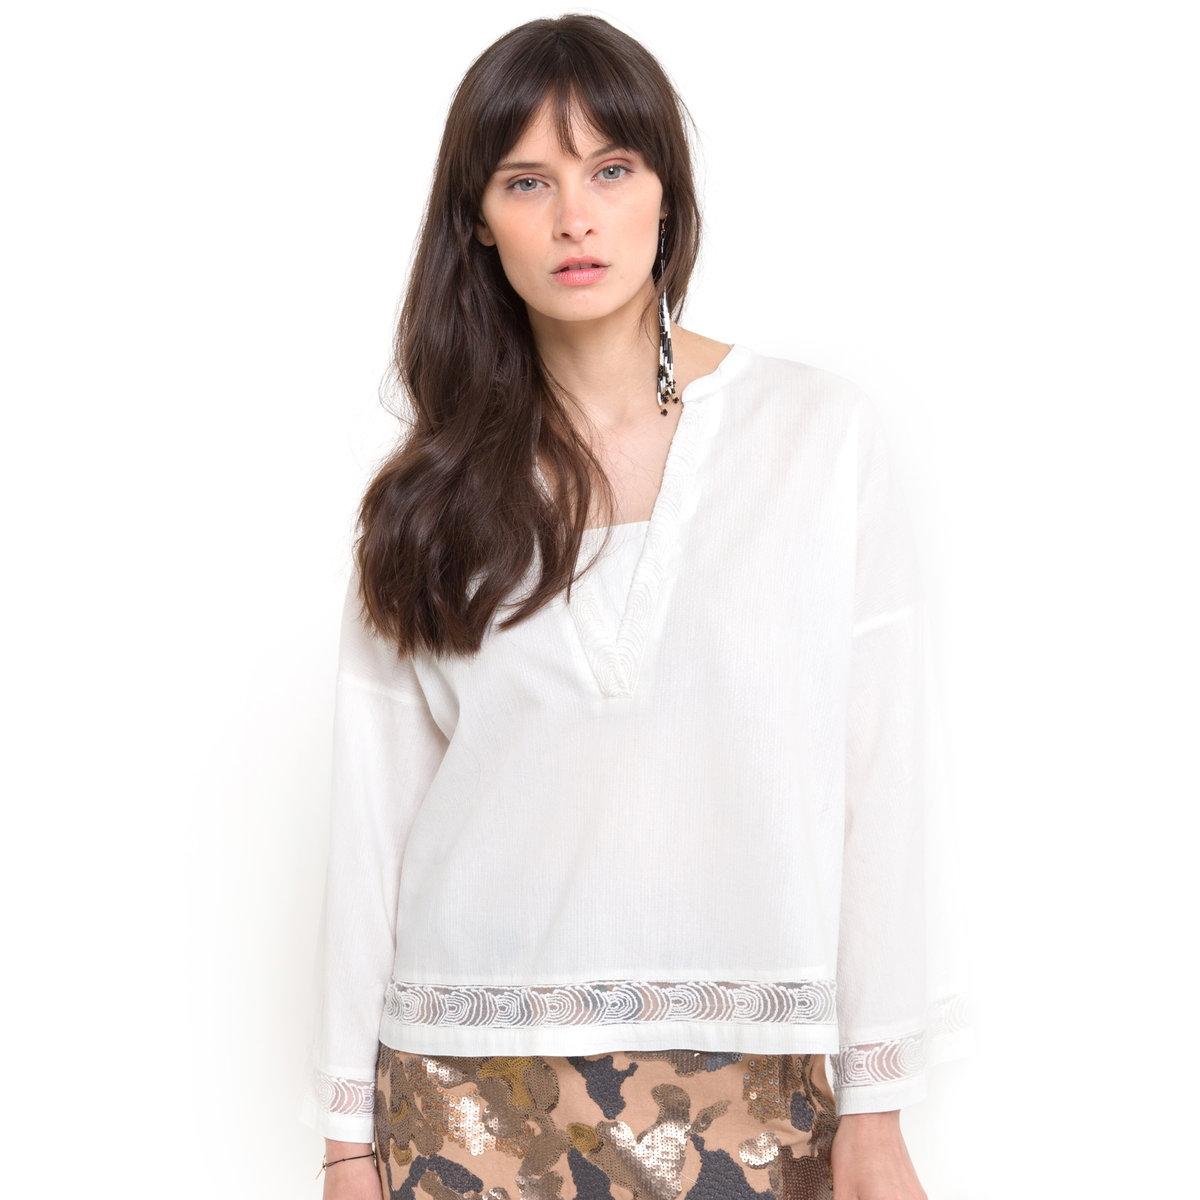 цены на Блузка с широкими рукавами в интернет-магазинах